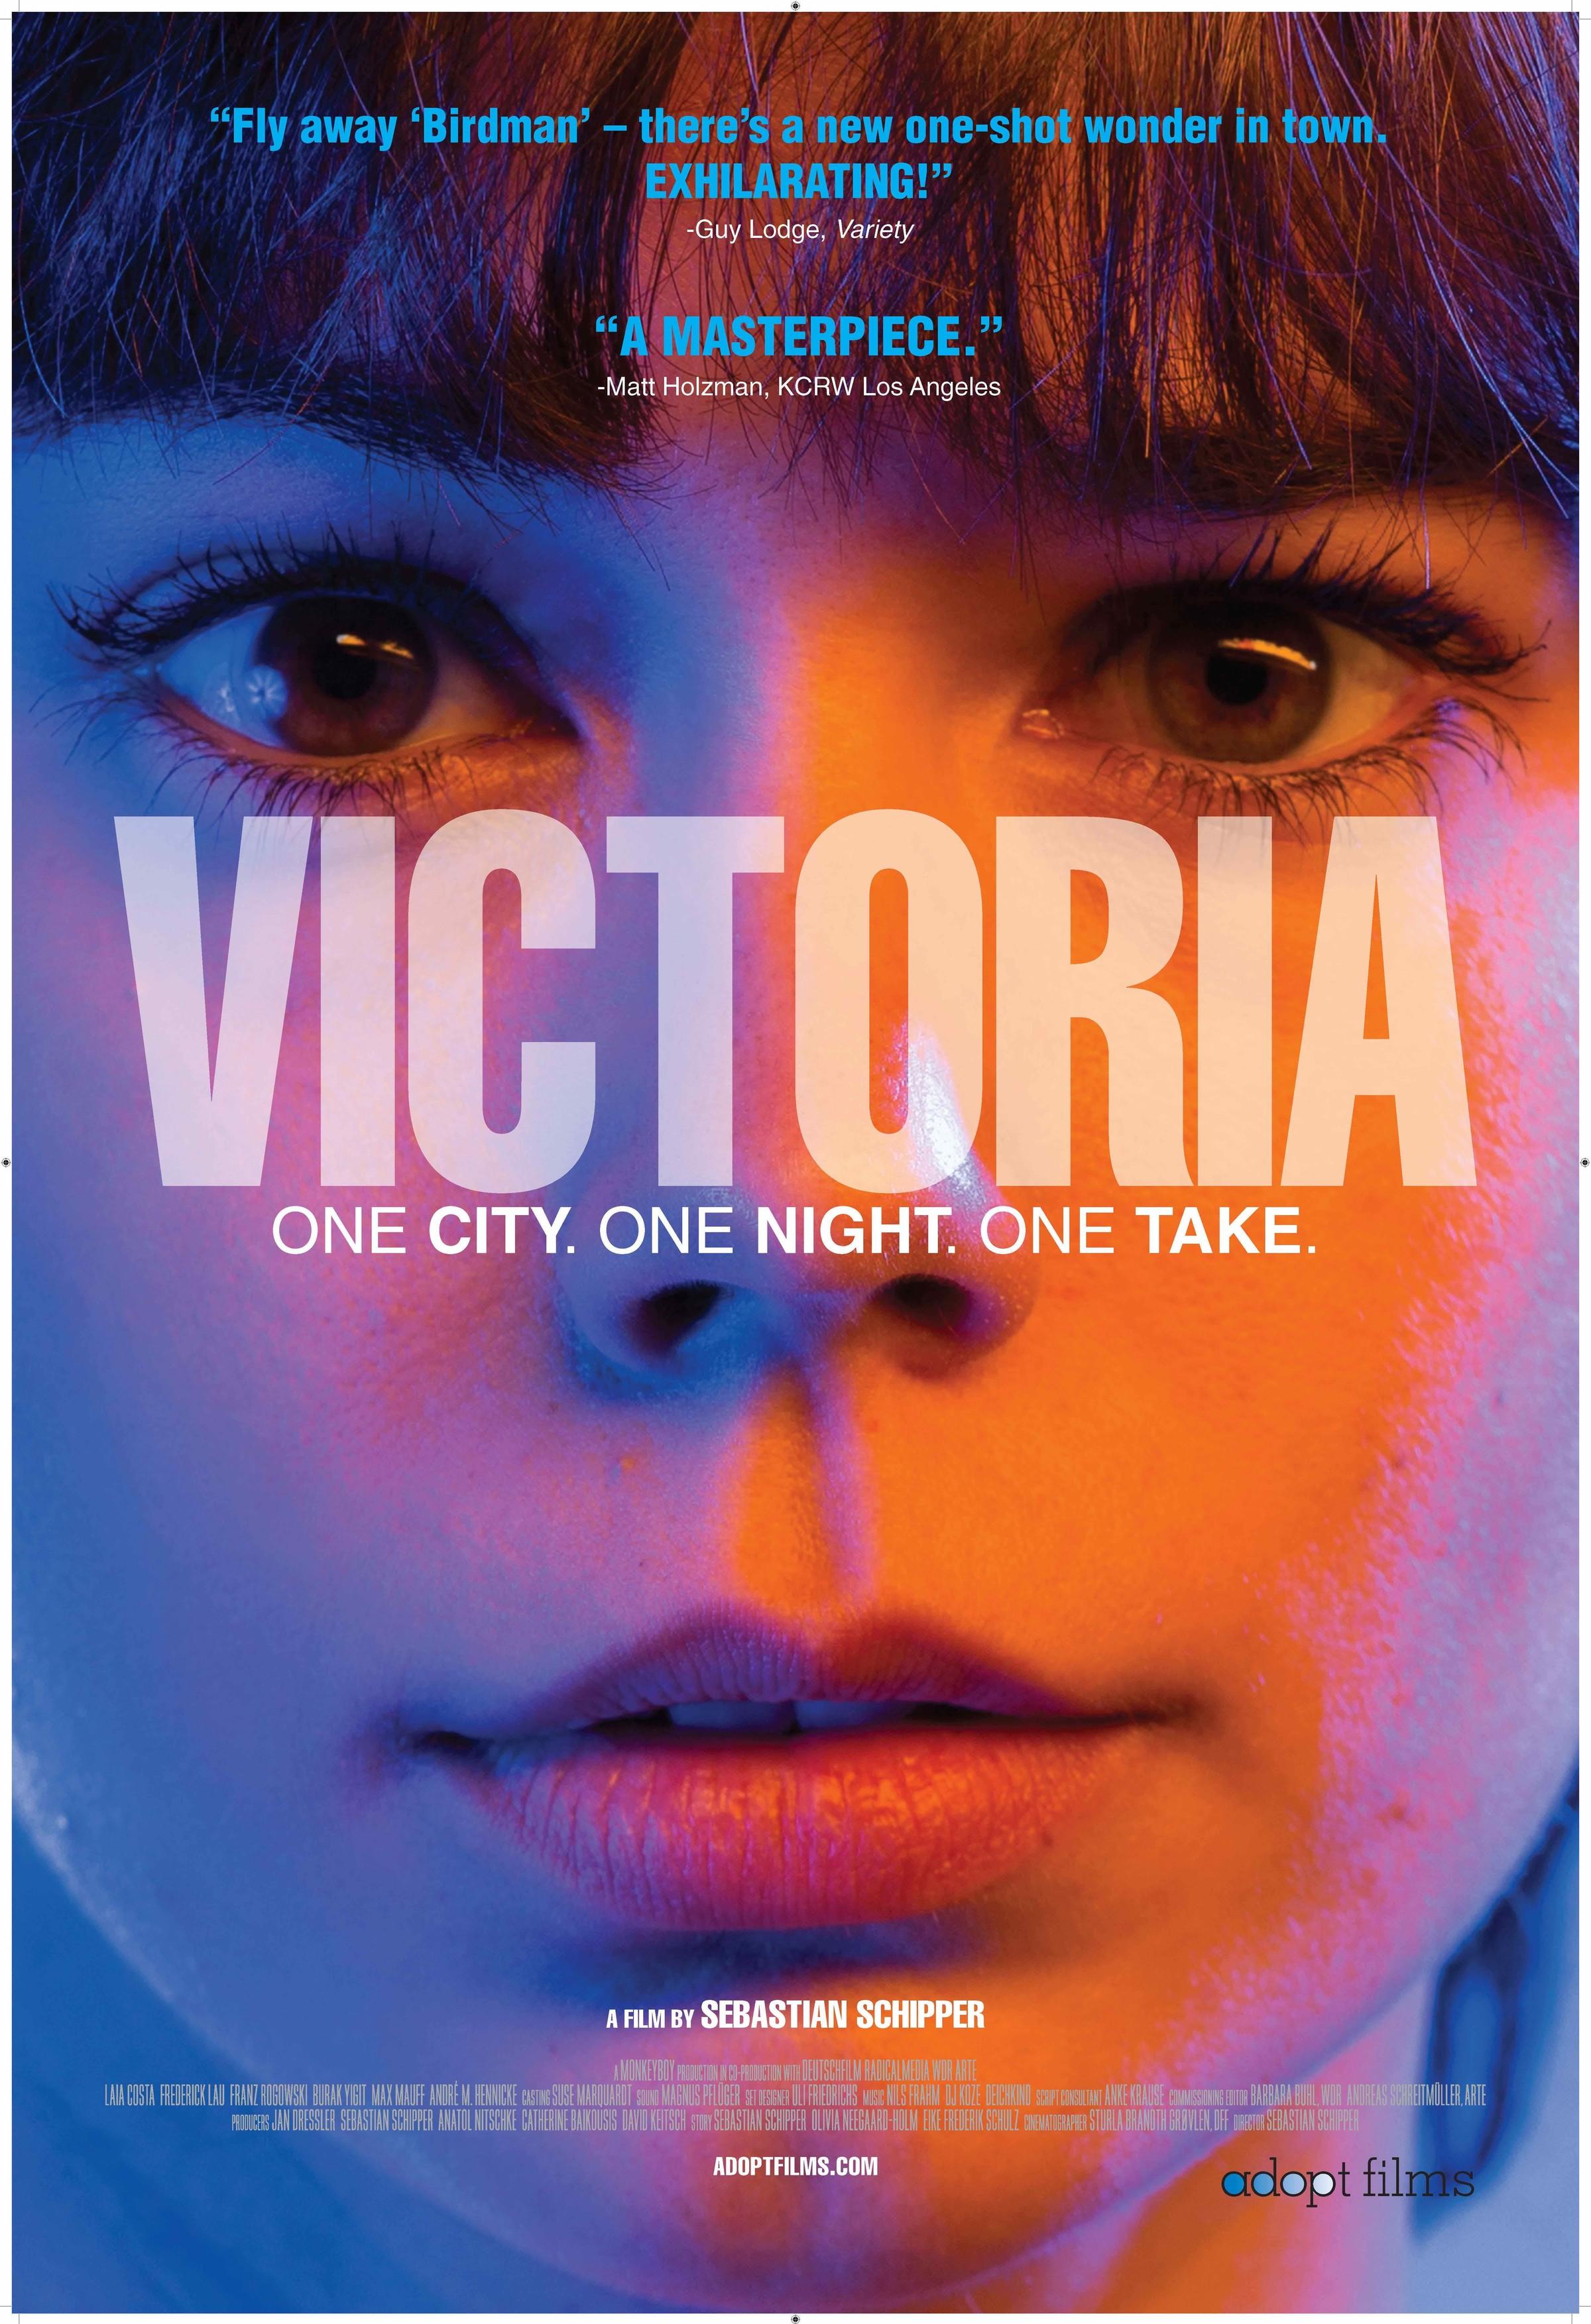 Victoria Reviews - Metacritic